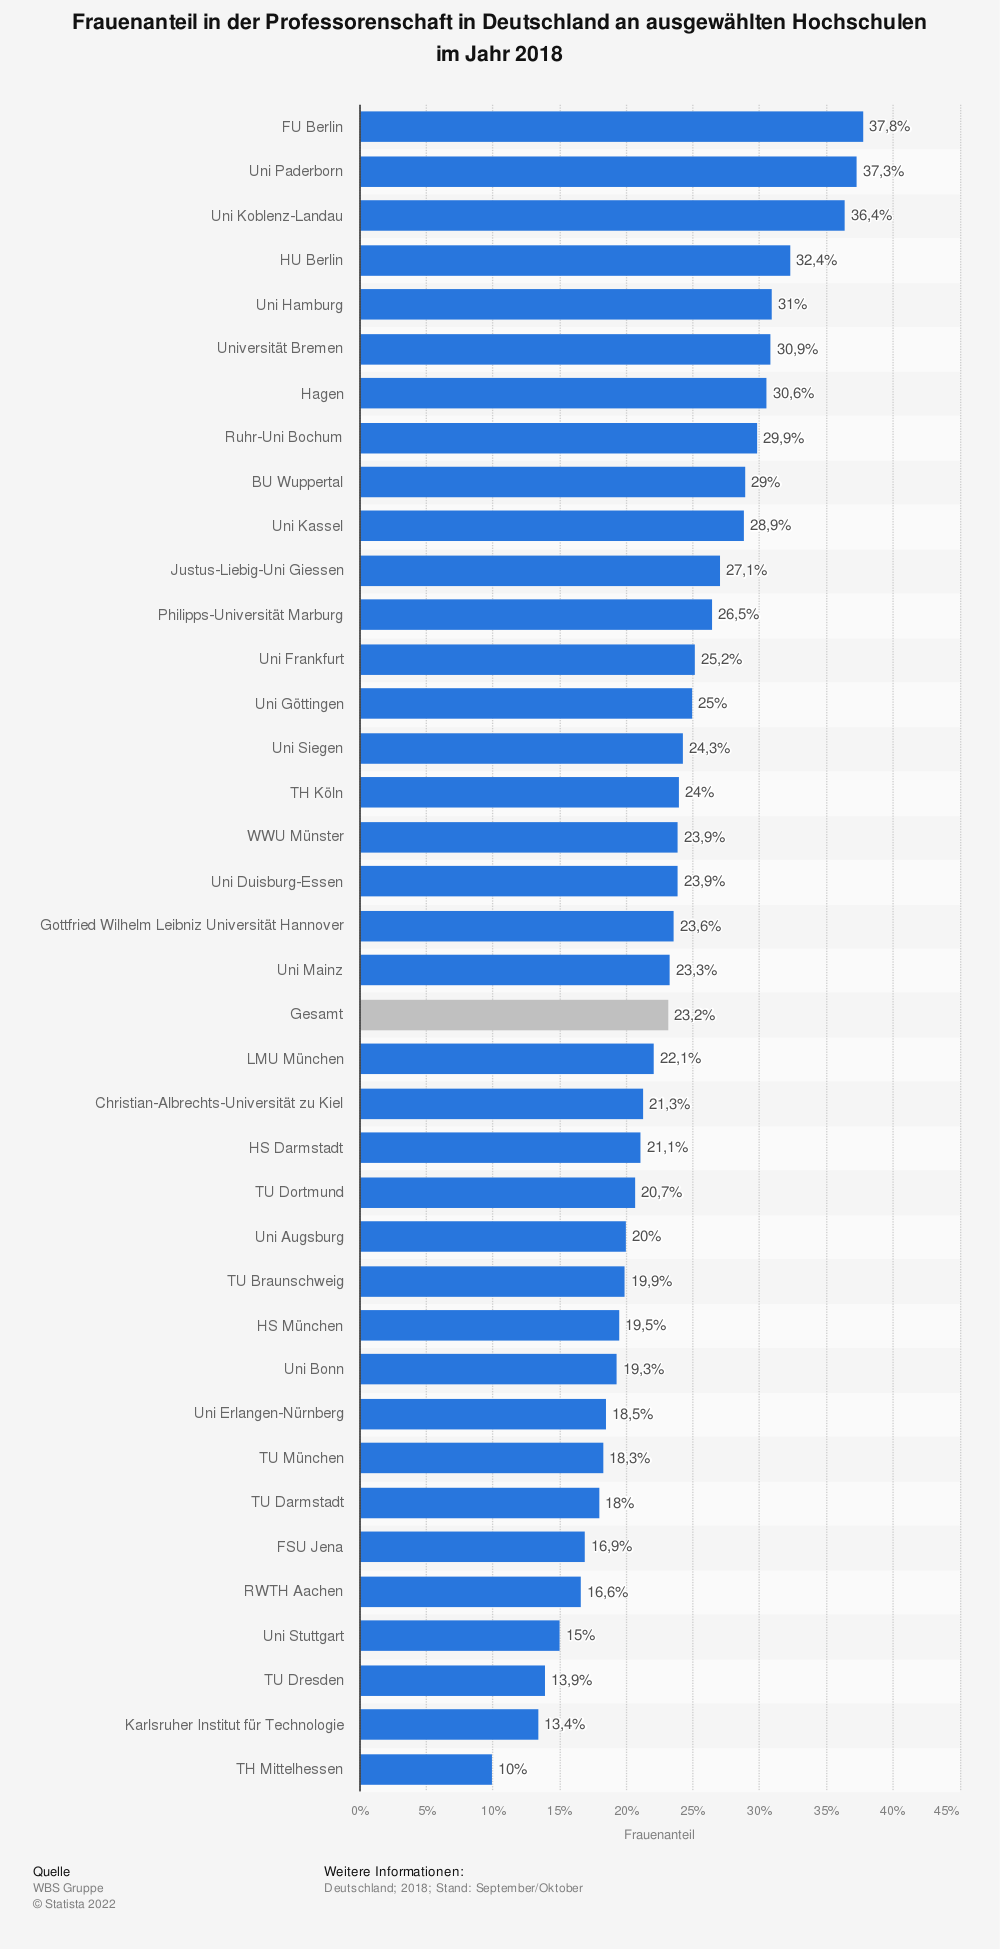 Statistik: Frauenanteil in der Professorenschaft in Deutschland nach Hochschulen im Jahr 2018 | Statista